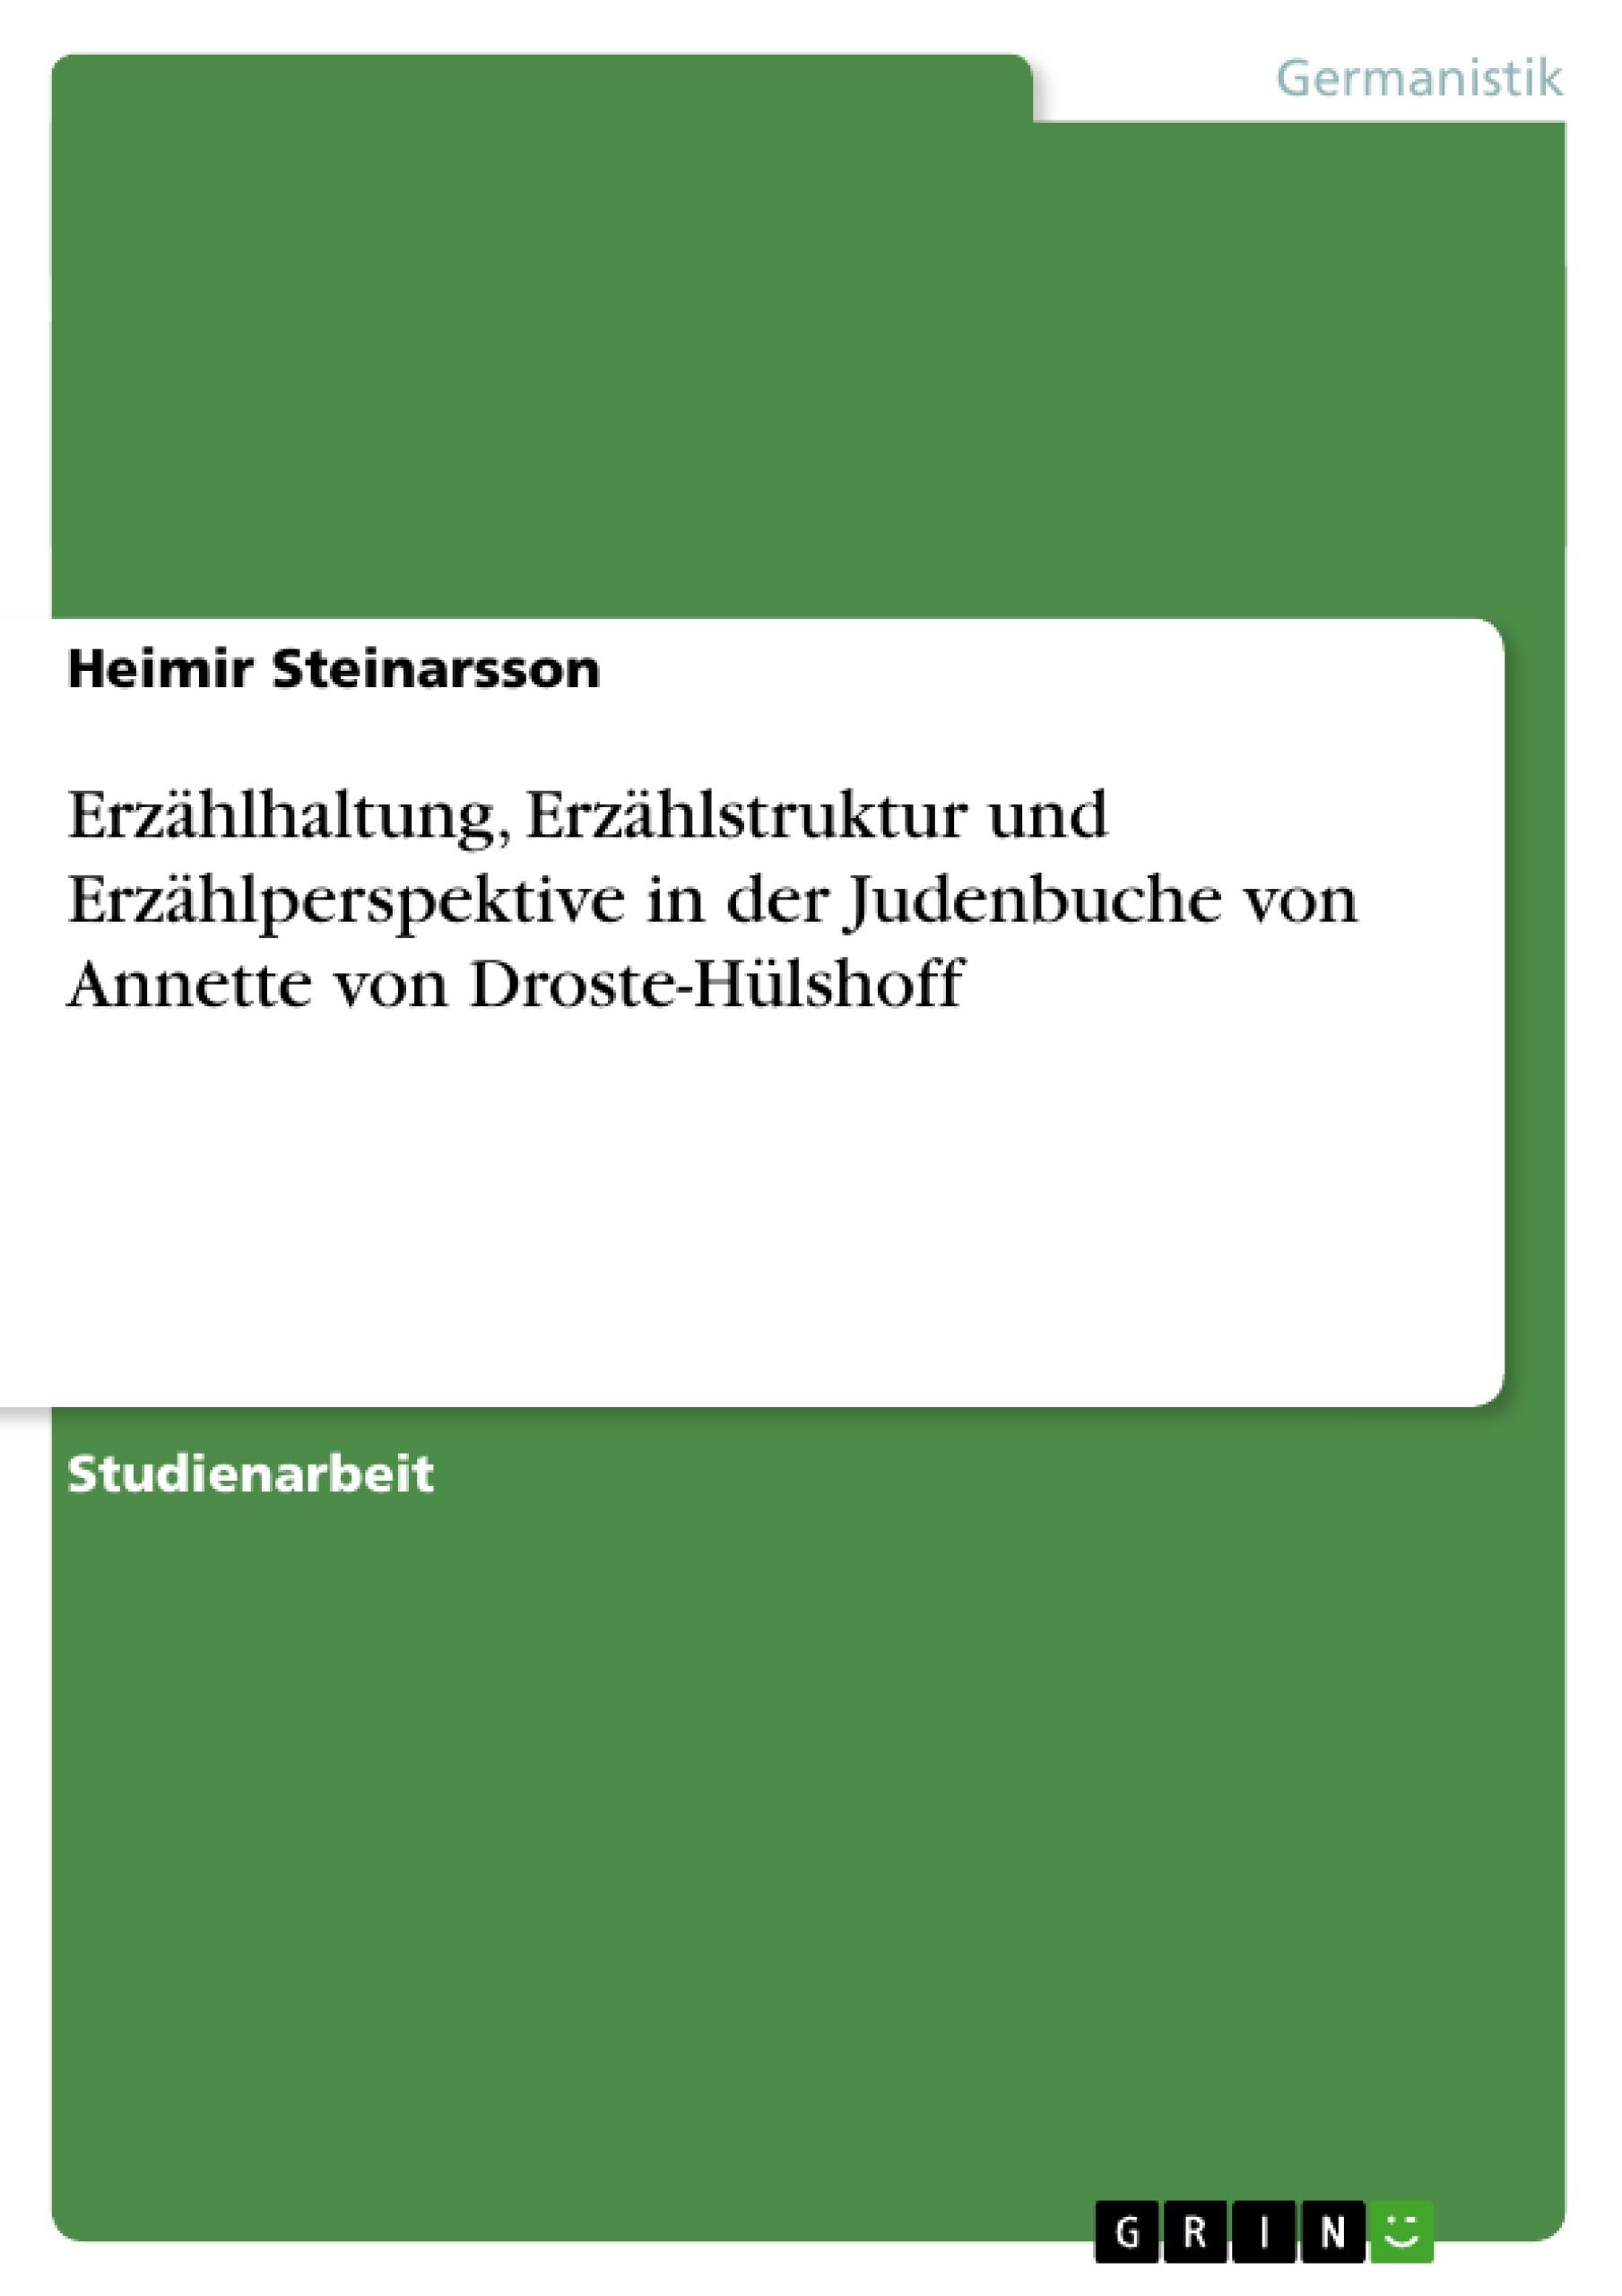 Titel: Erzählhaltung, Erzählstruktur und Erzählperspektive in der Judenbuche von Annette von Droste-Hülshoff